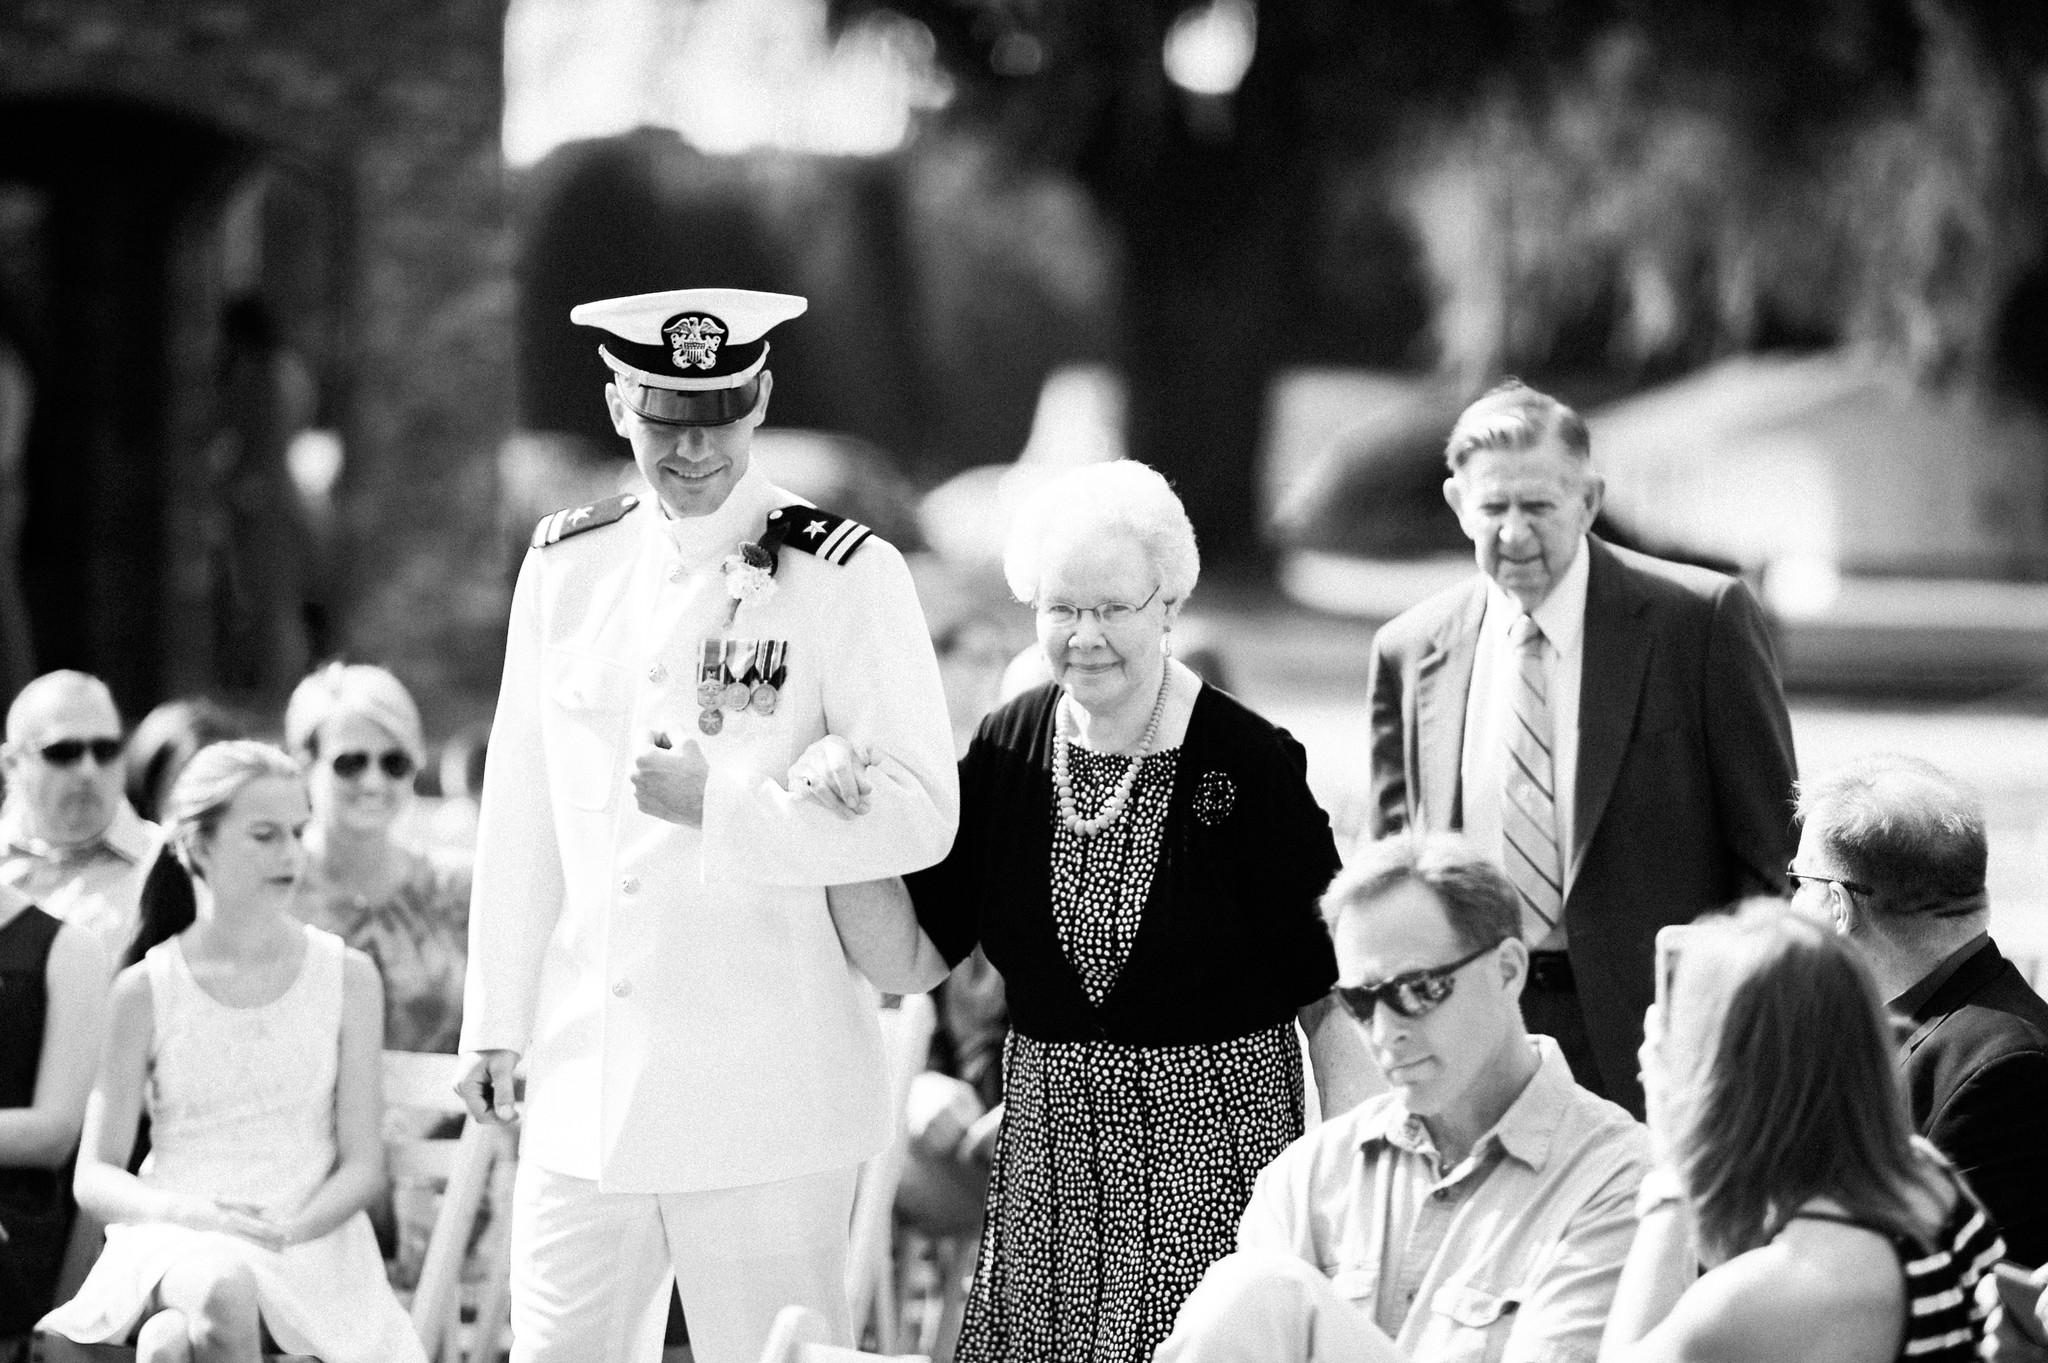 arthur-wedding-148-X4.jpg